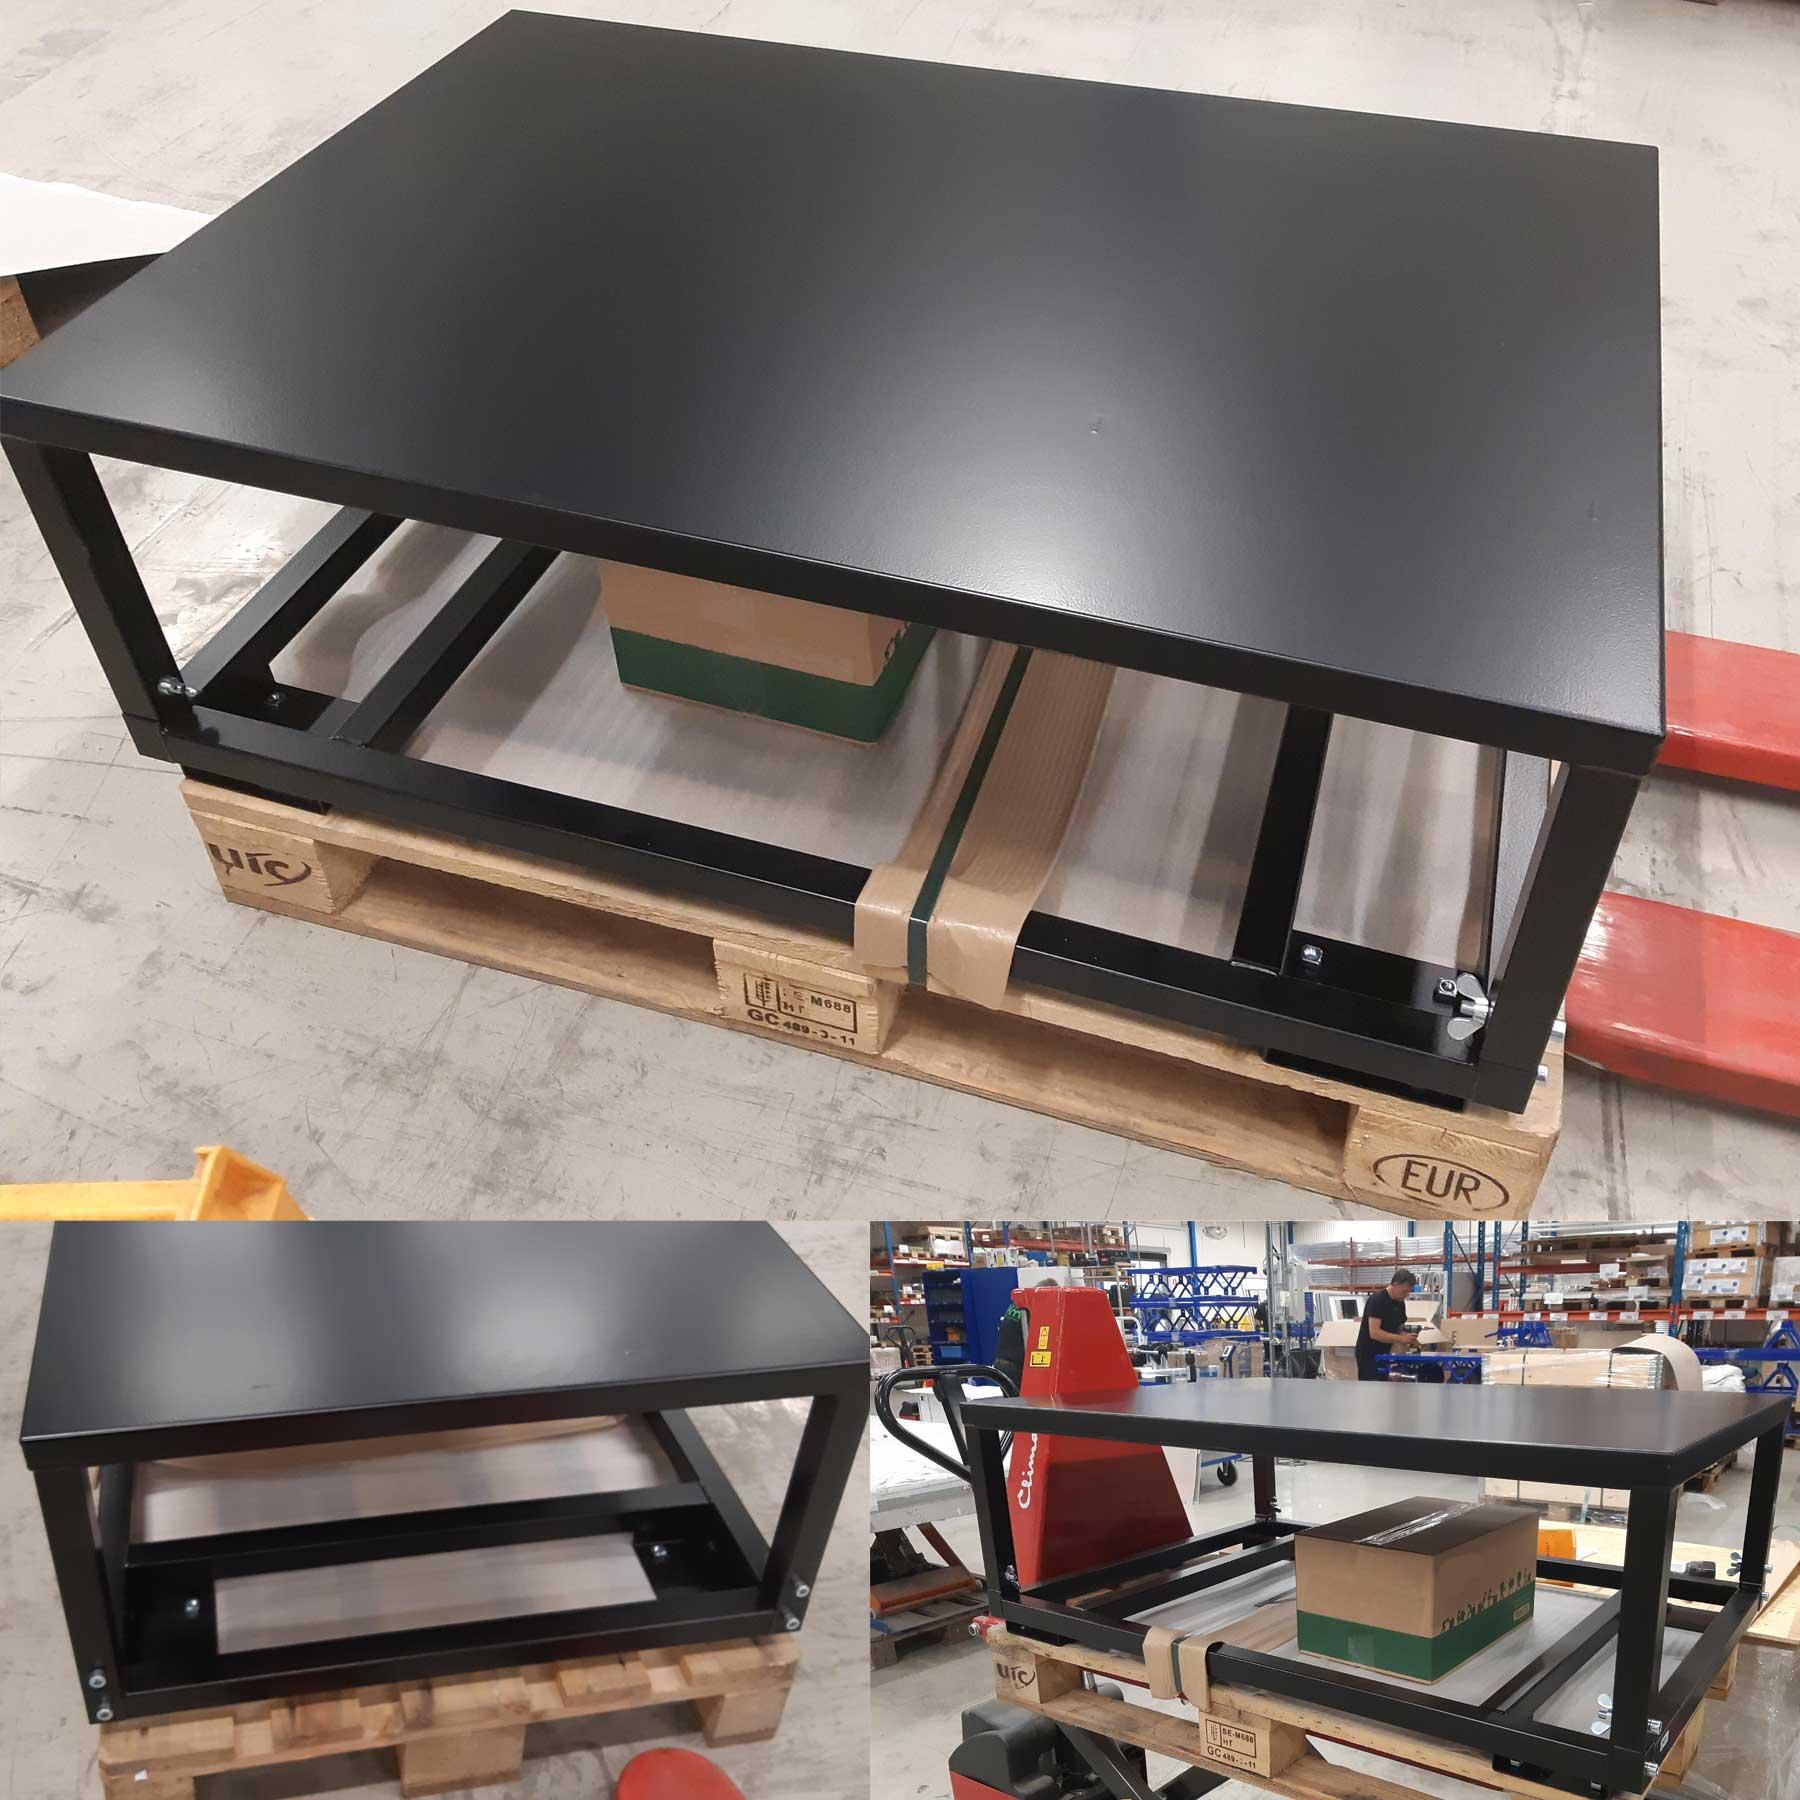 Gestell (basierend höheneinstellbarer Palettenfahrrahmen, im Raster einstellbar) mit fest aufgeschweißtem Stahldeckel in schwarz RAL 9005 gepulvert als optischer Hingucker mit ergonomischer Arbeitsfläche